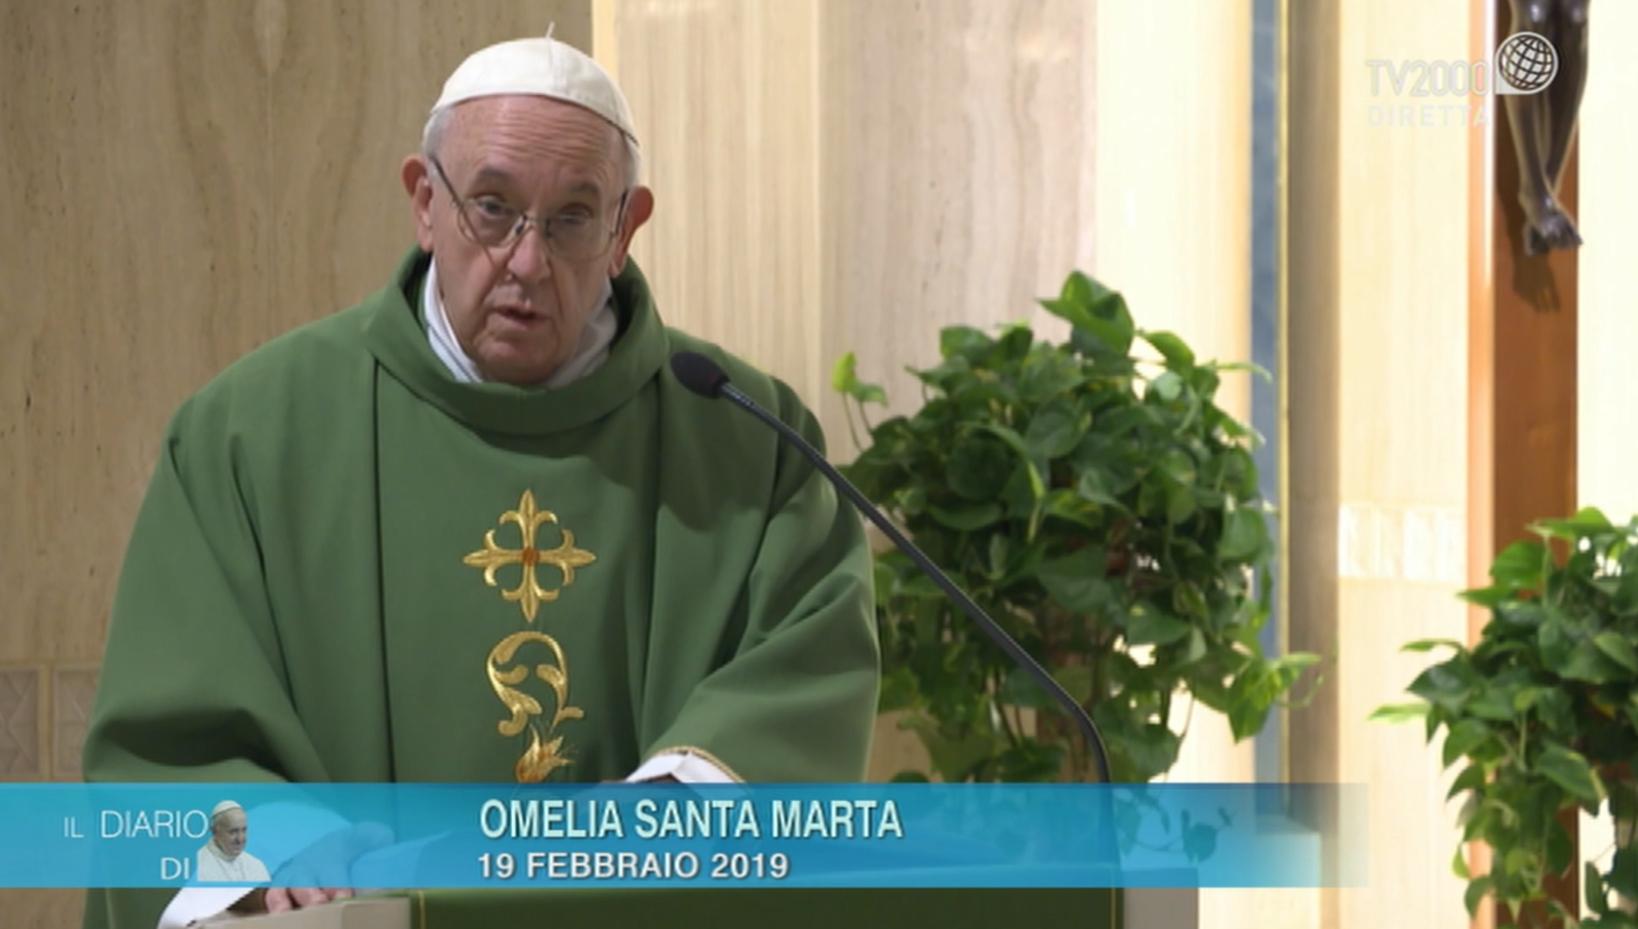 """Papa Francesco, omelia di Santa Marta del 19 febbraio 2019: """"I sentimenti di Dio"""""""